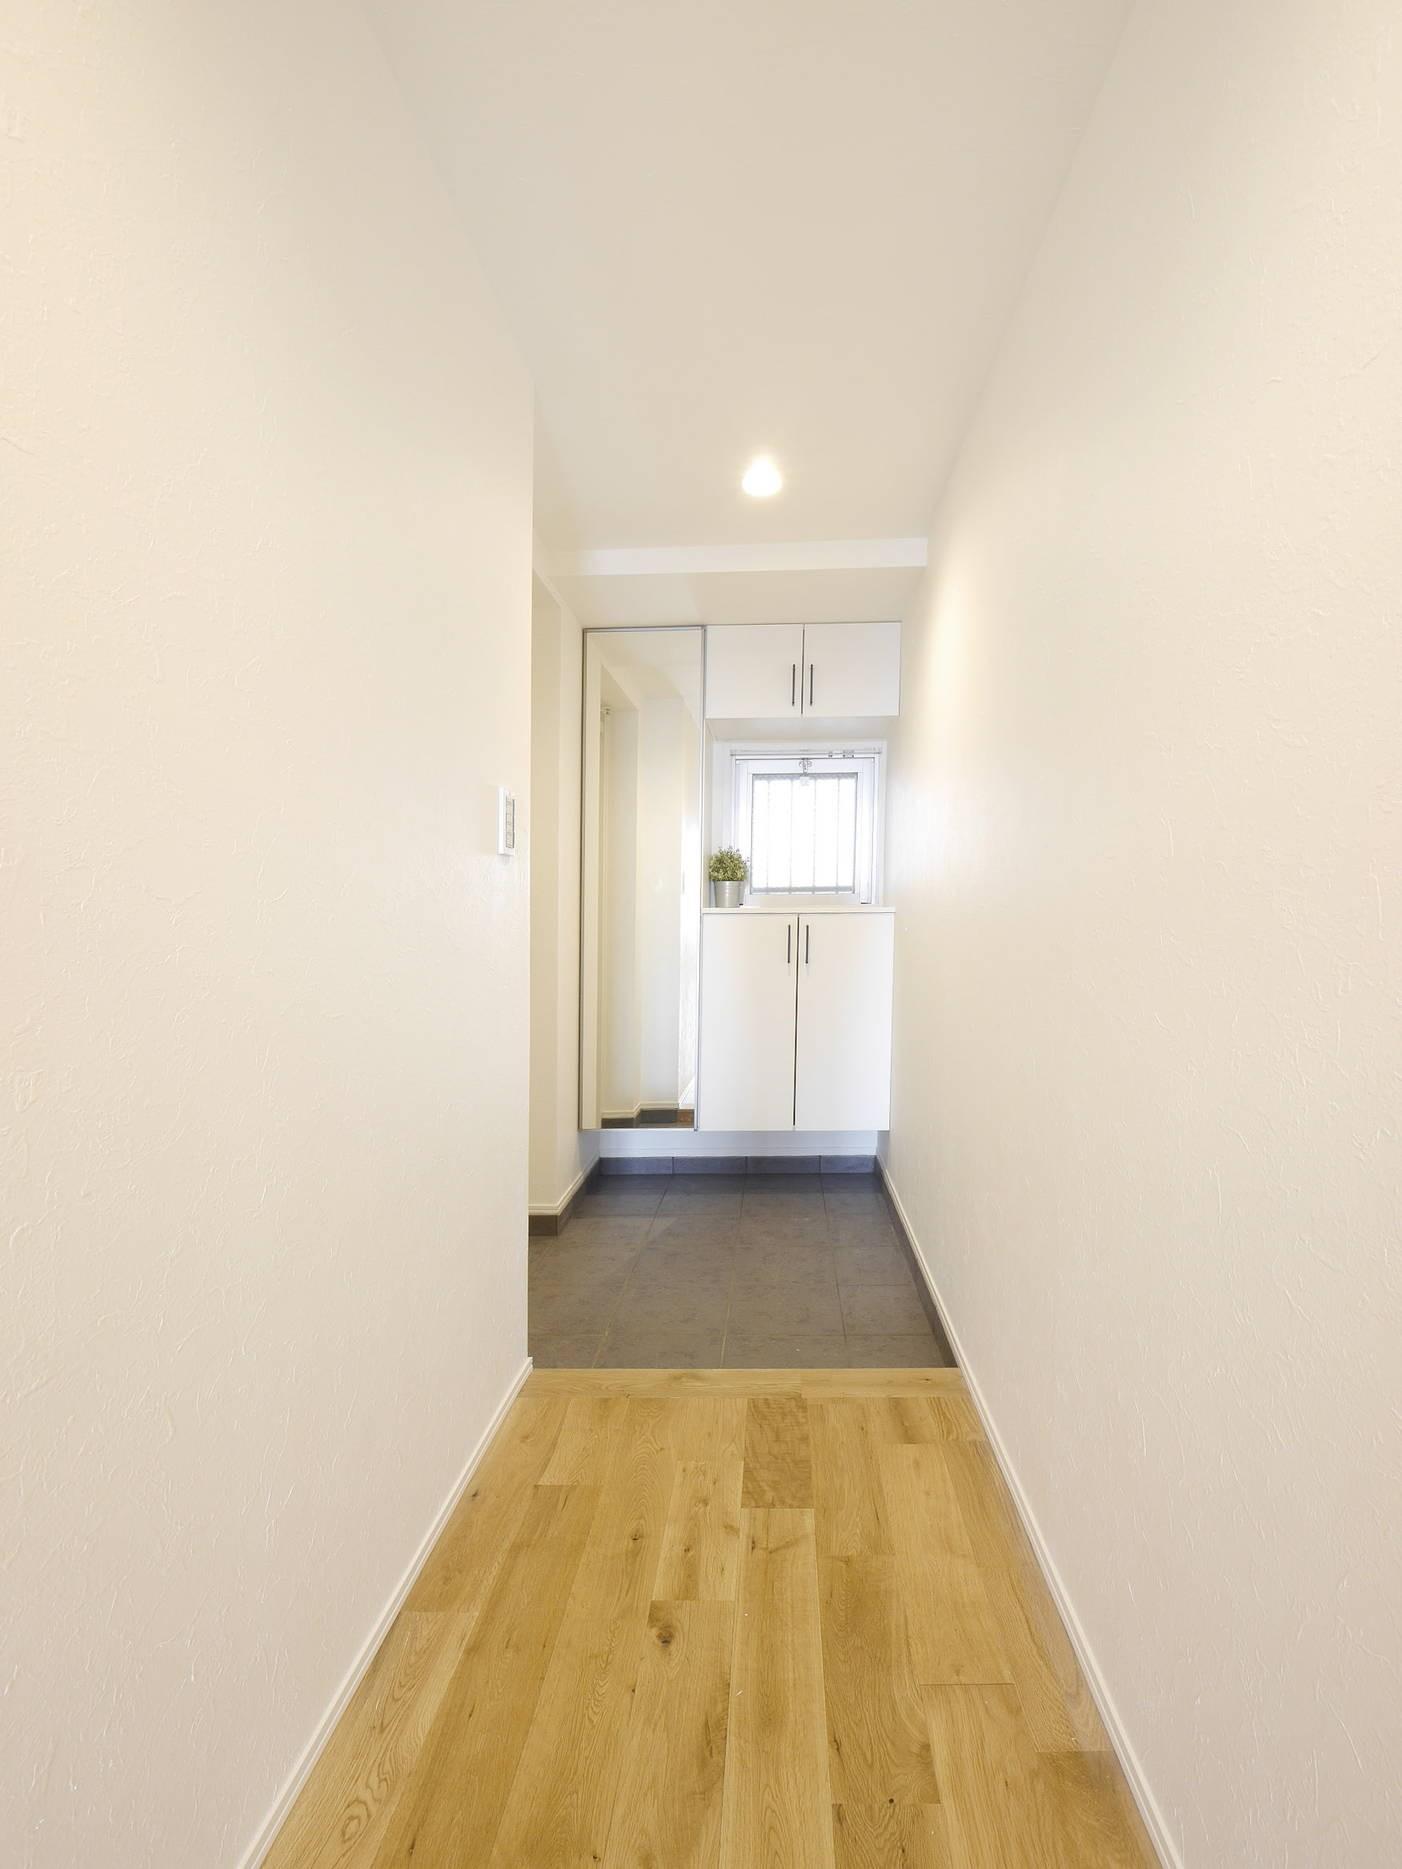 玄関事例:玄関・廊下(『無垢の暮らしをシンプルに』)